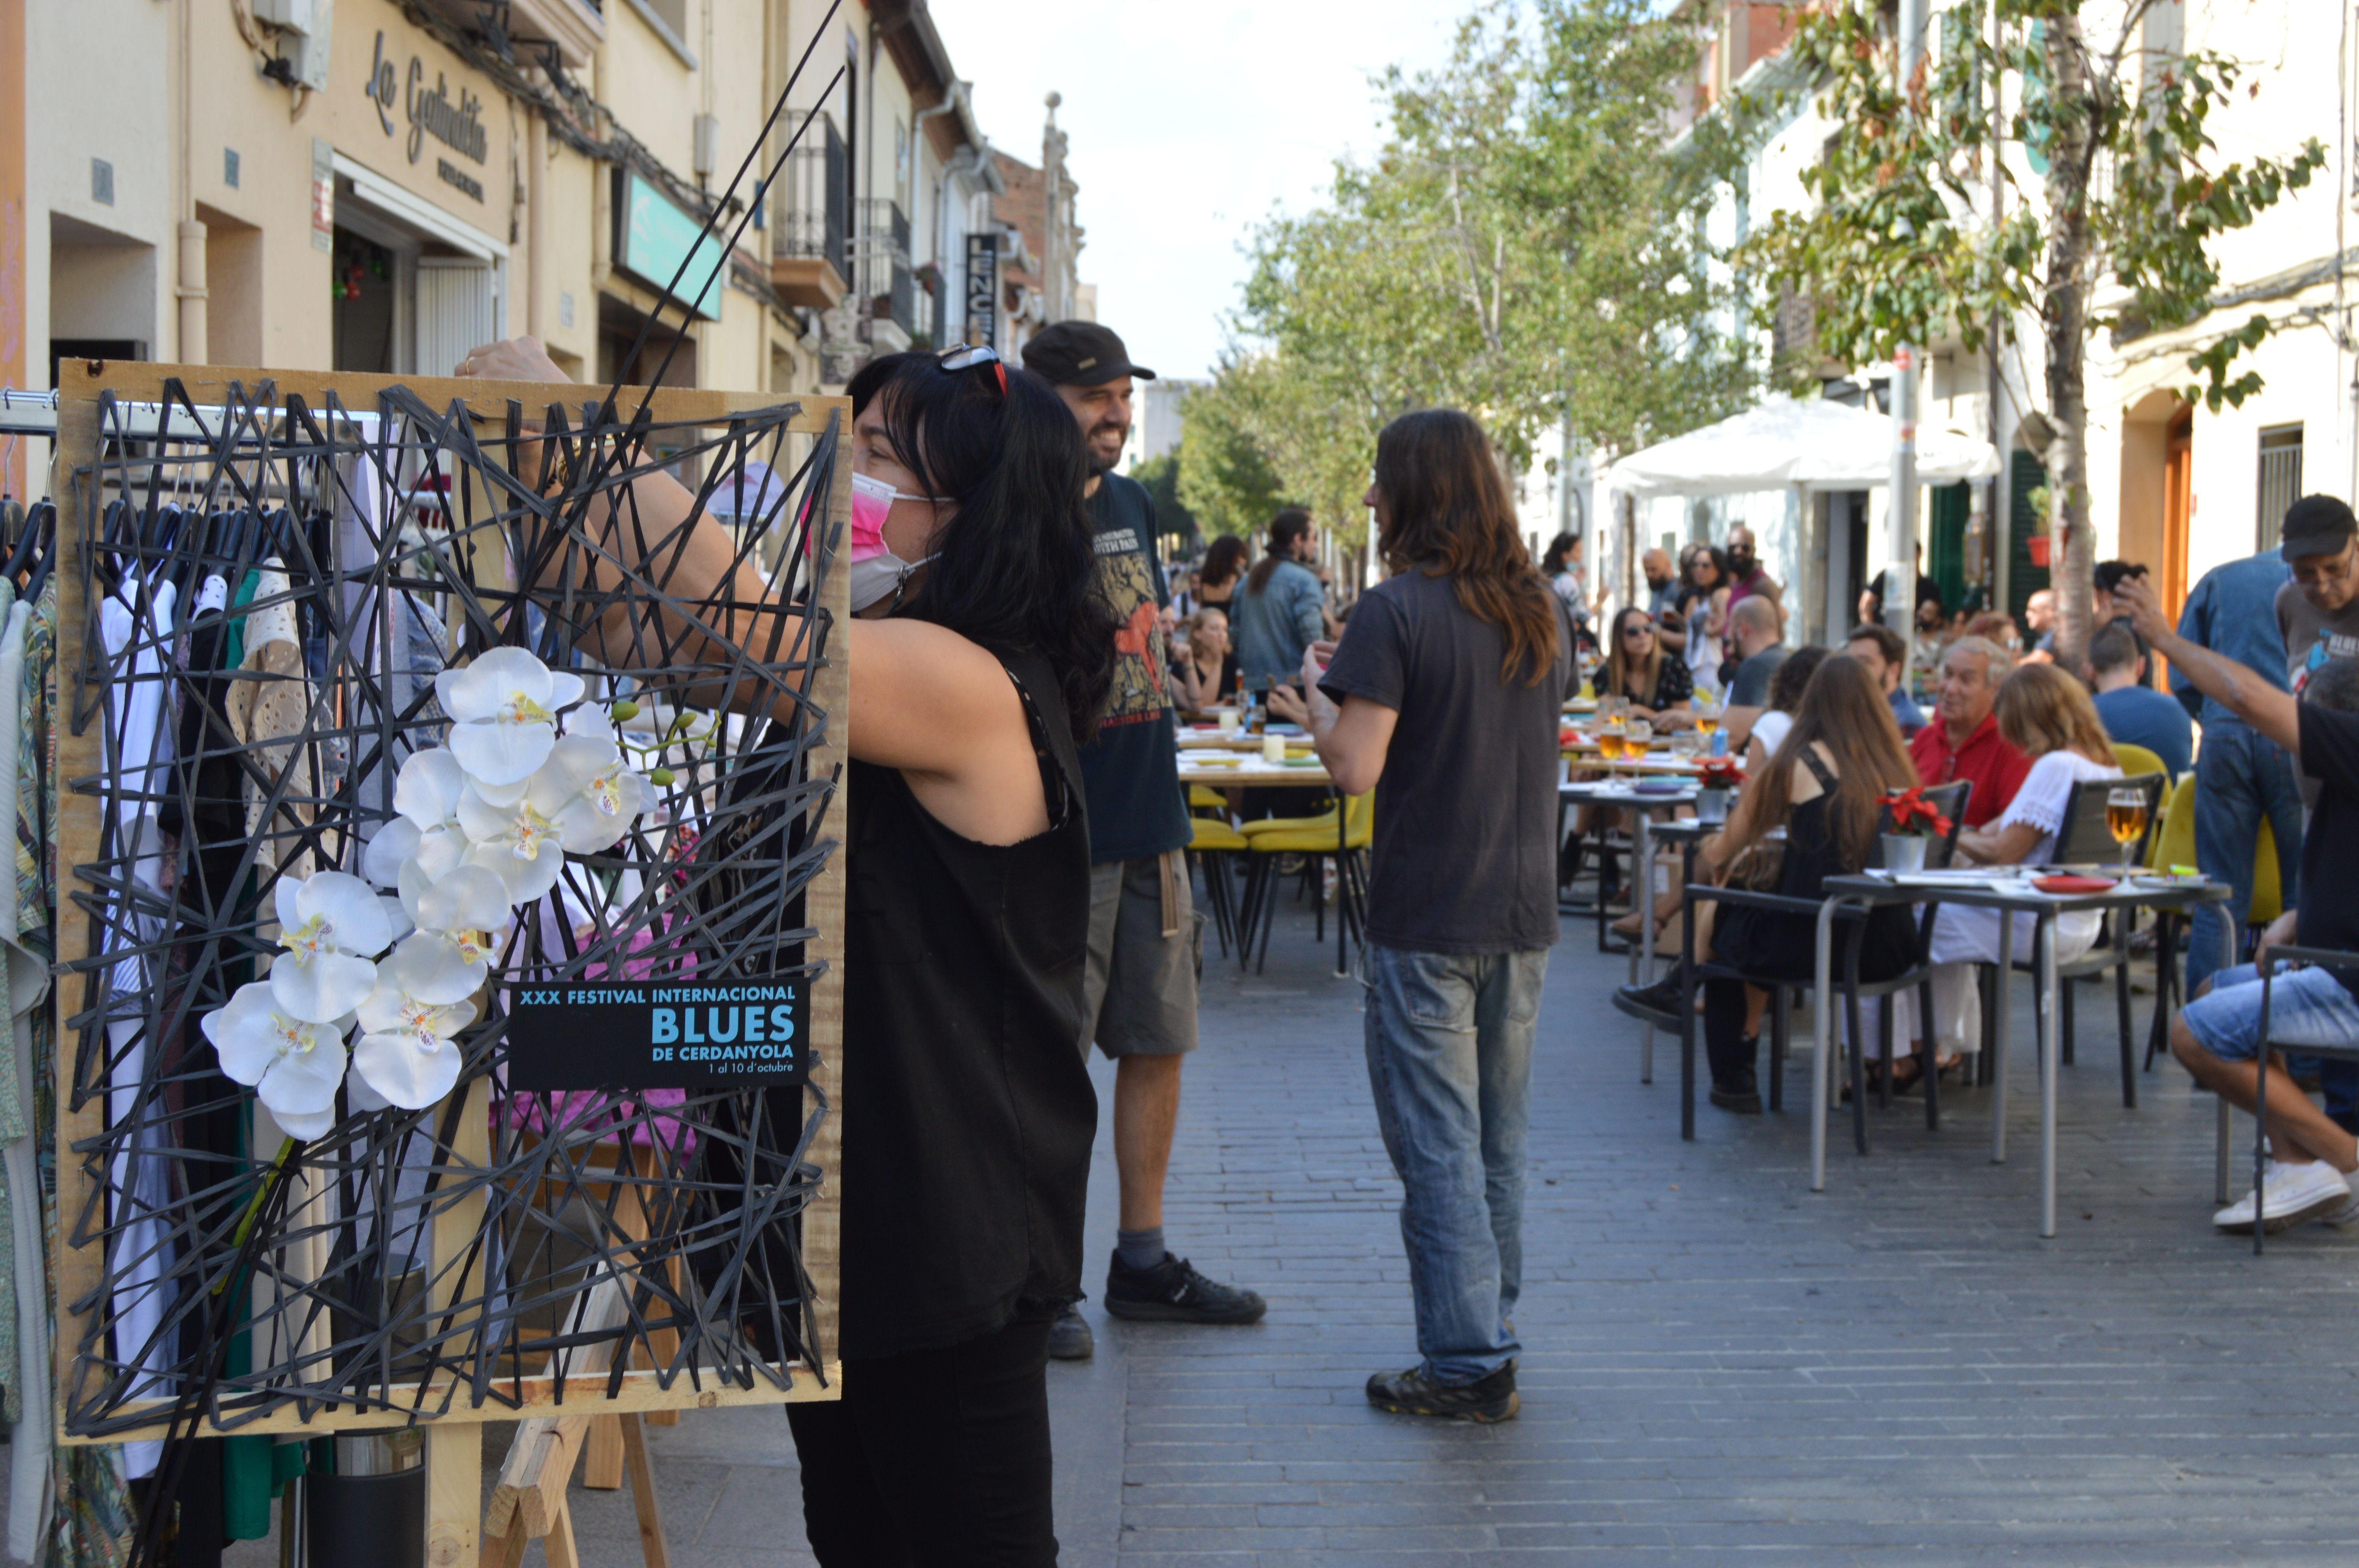 Bars i comerços locals participen al Festival de Blues. FOTO, Nora Muñoz